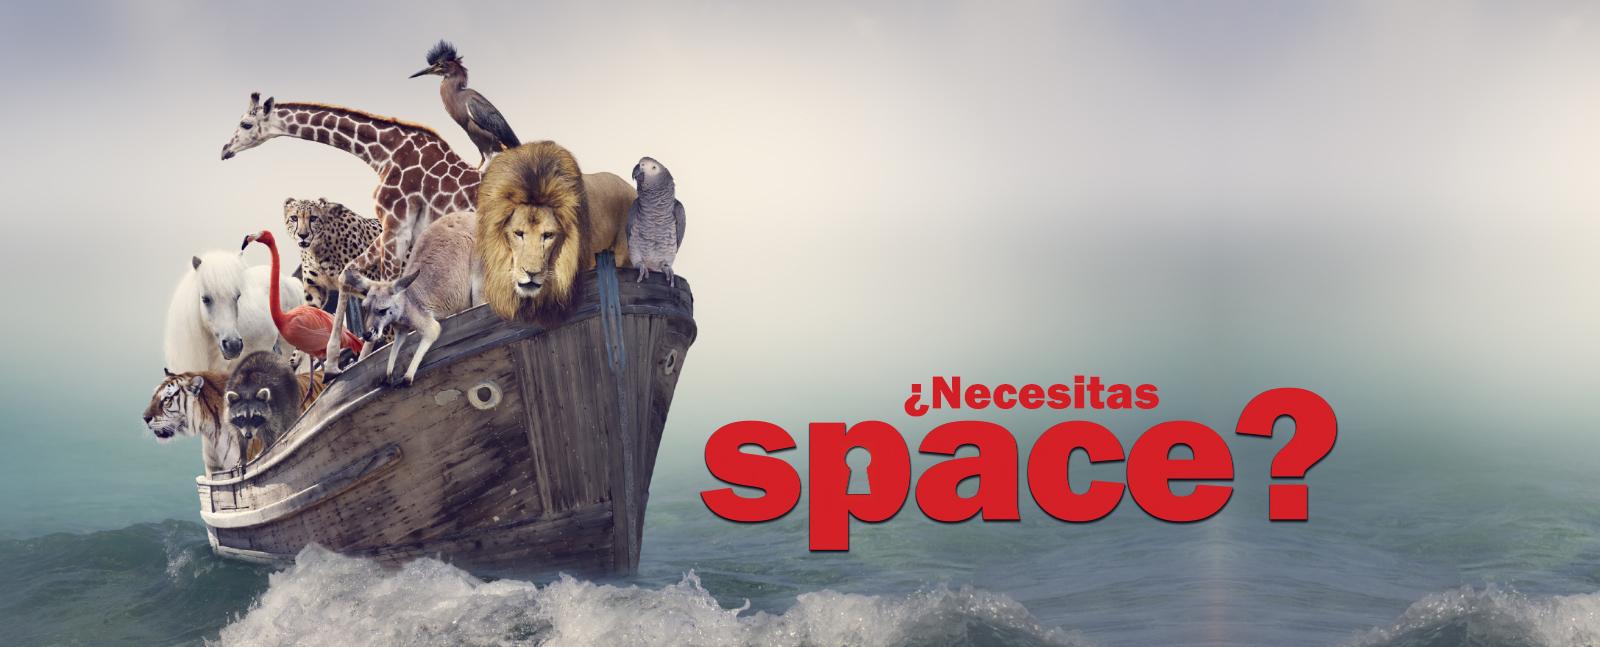 Necesitas-Space-1